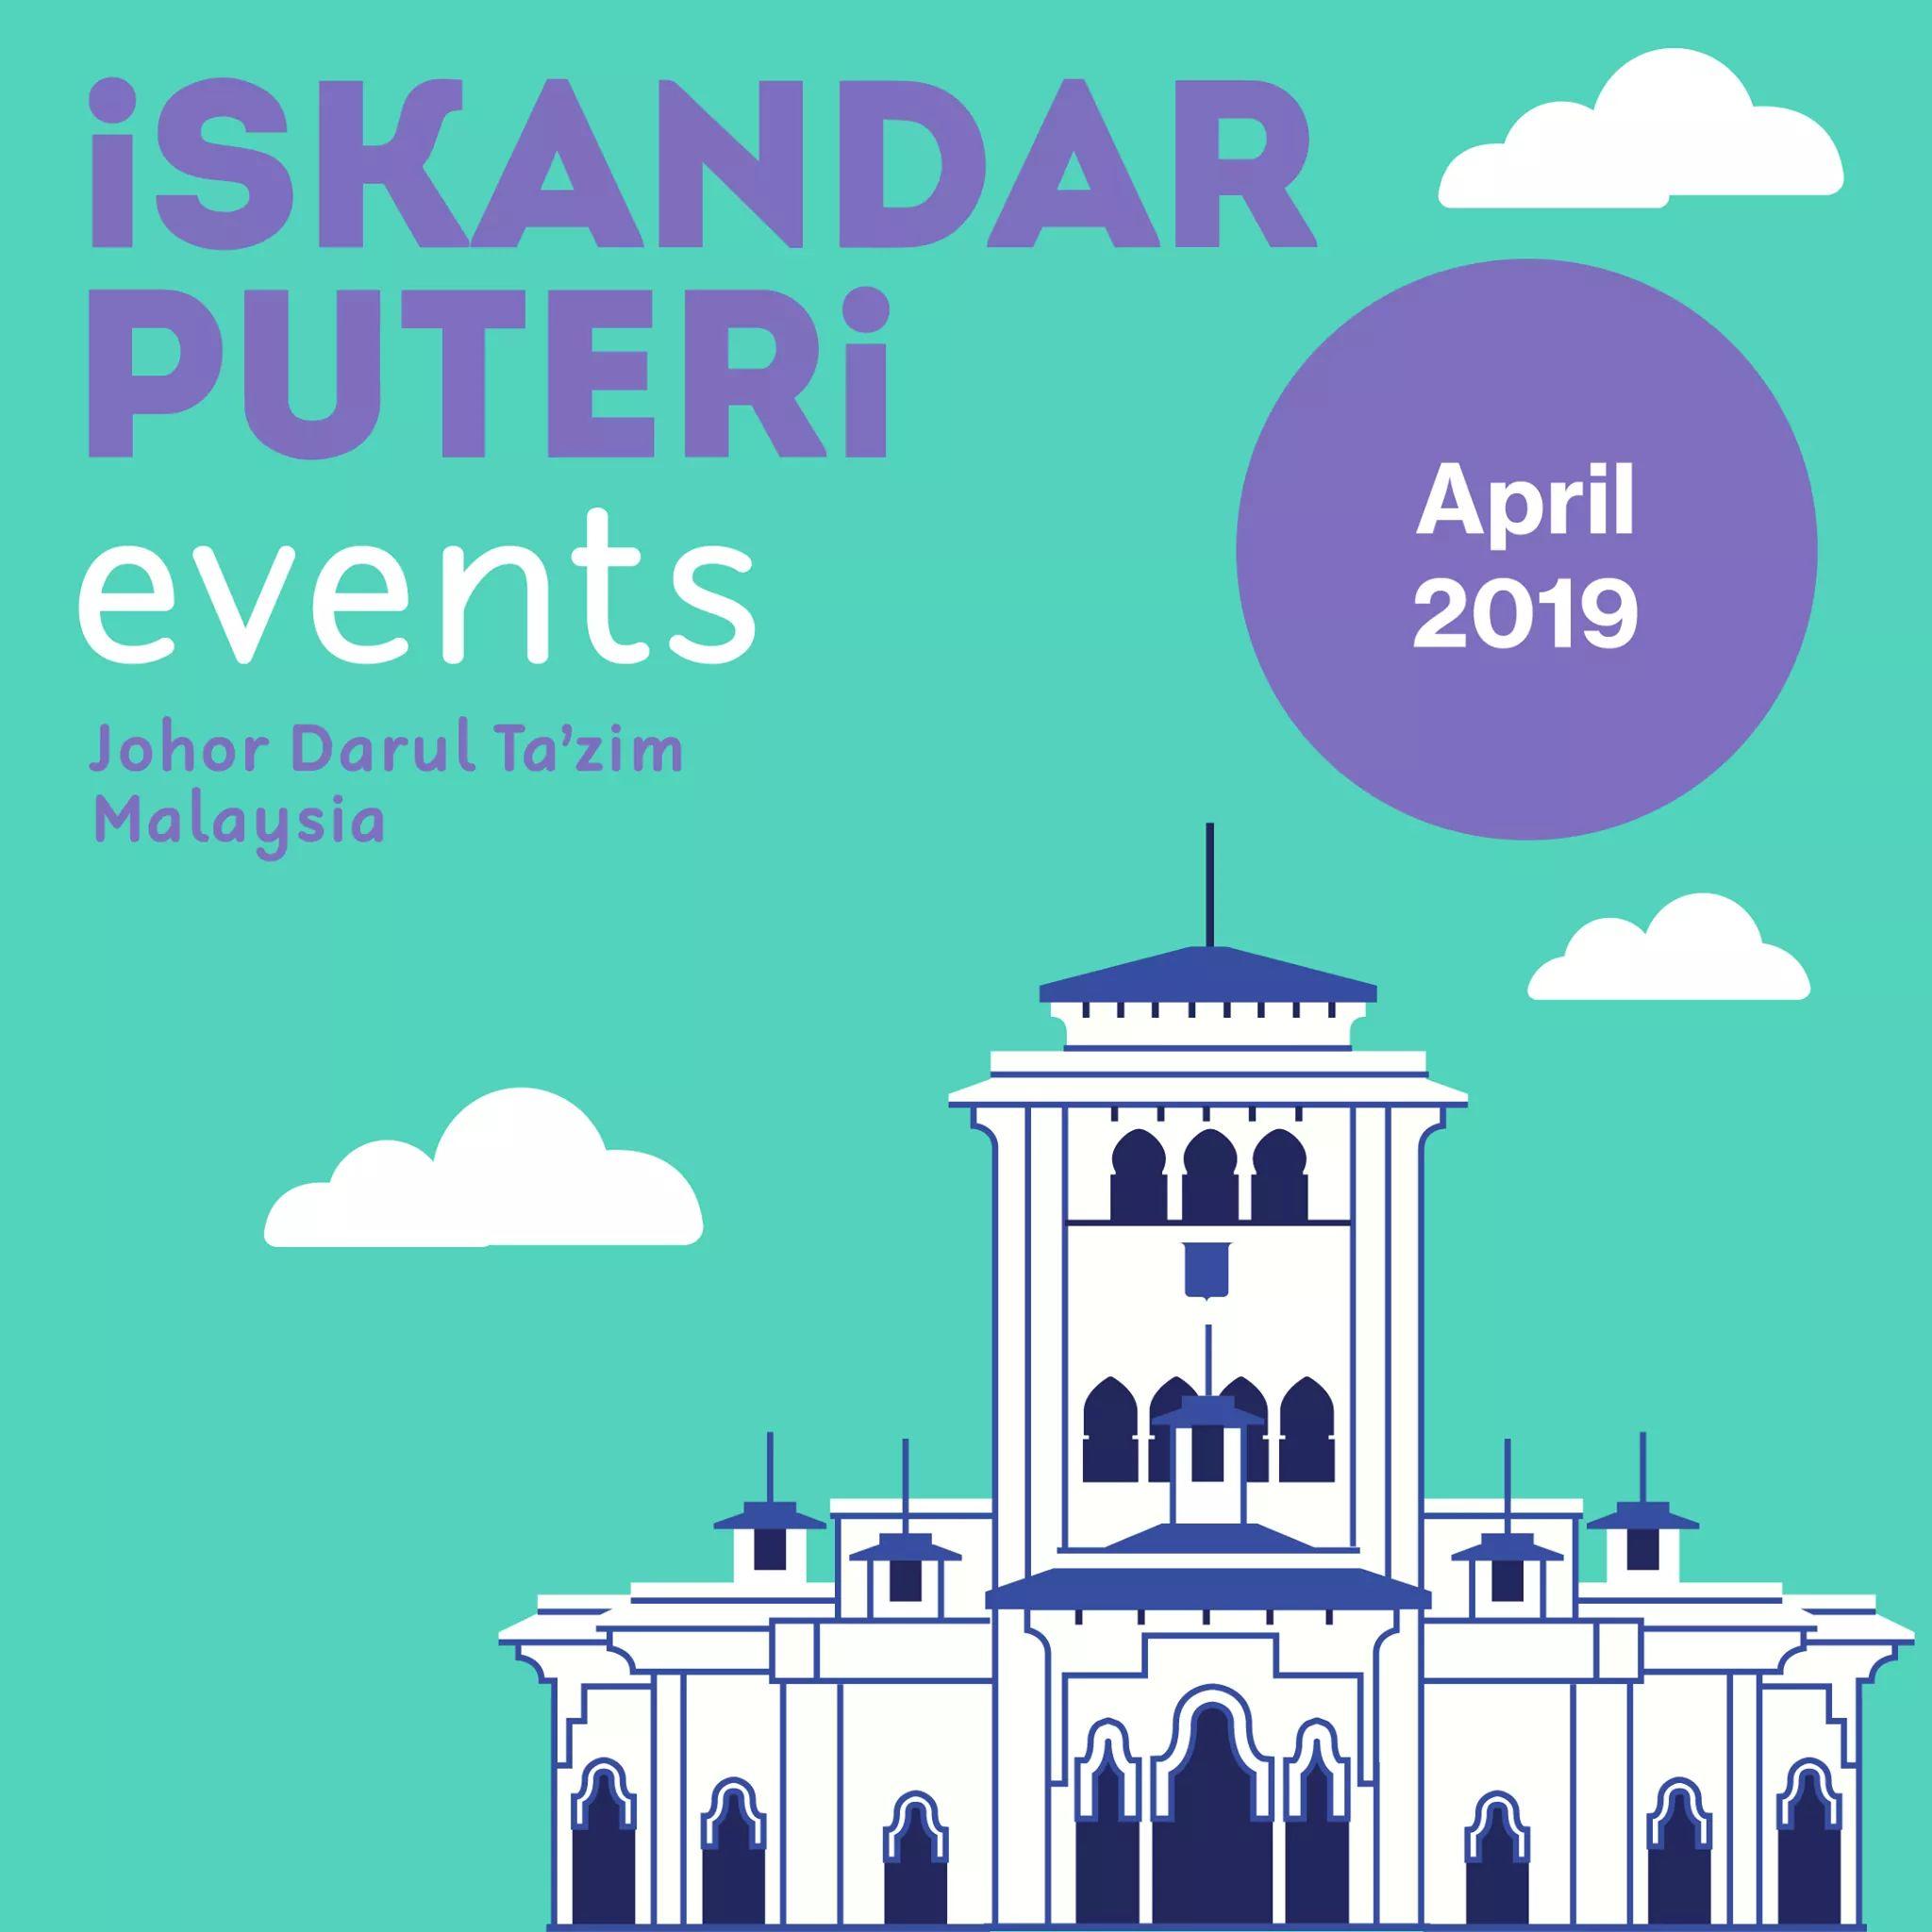 Iskandar Puteri April 2019 Events